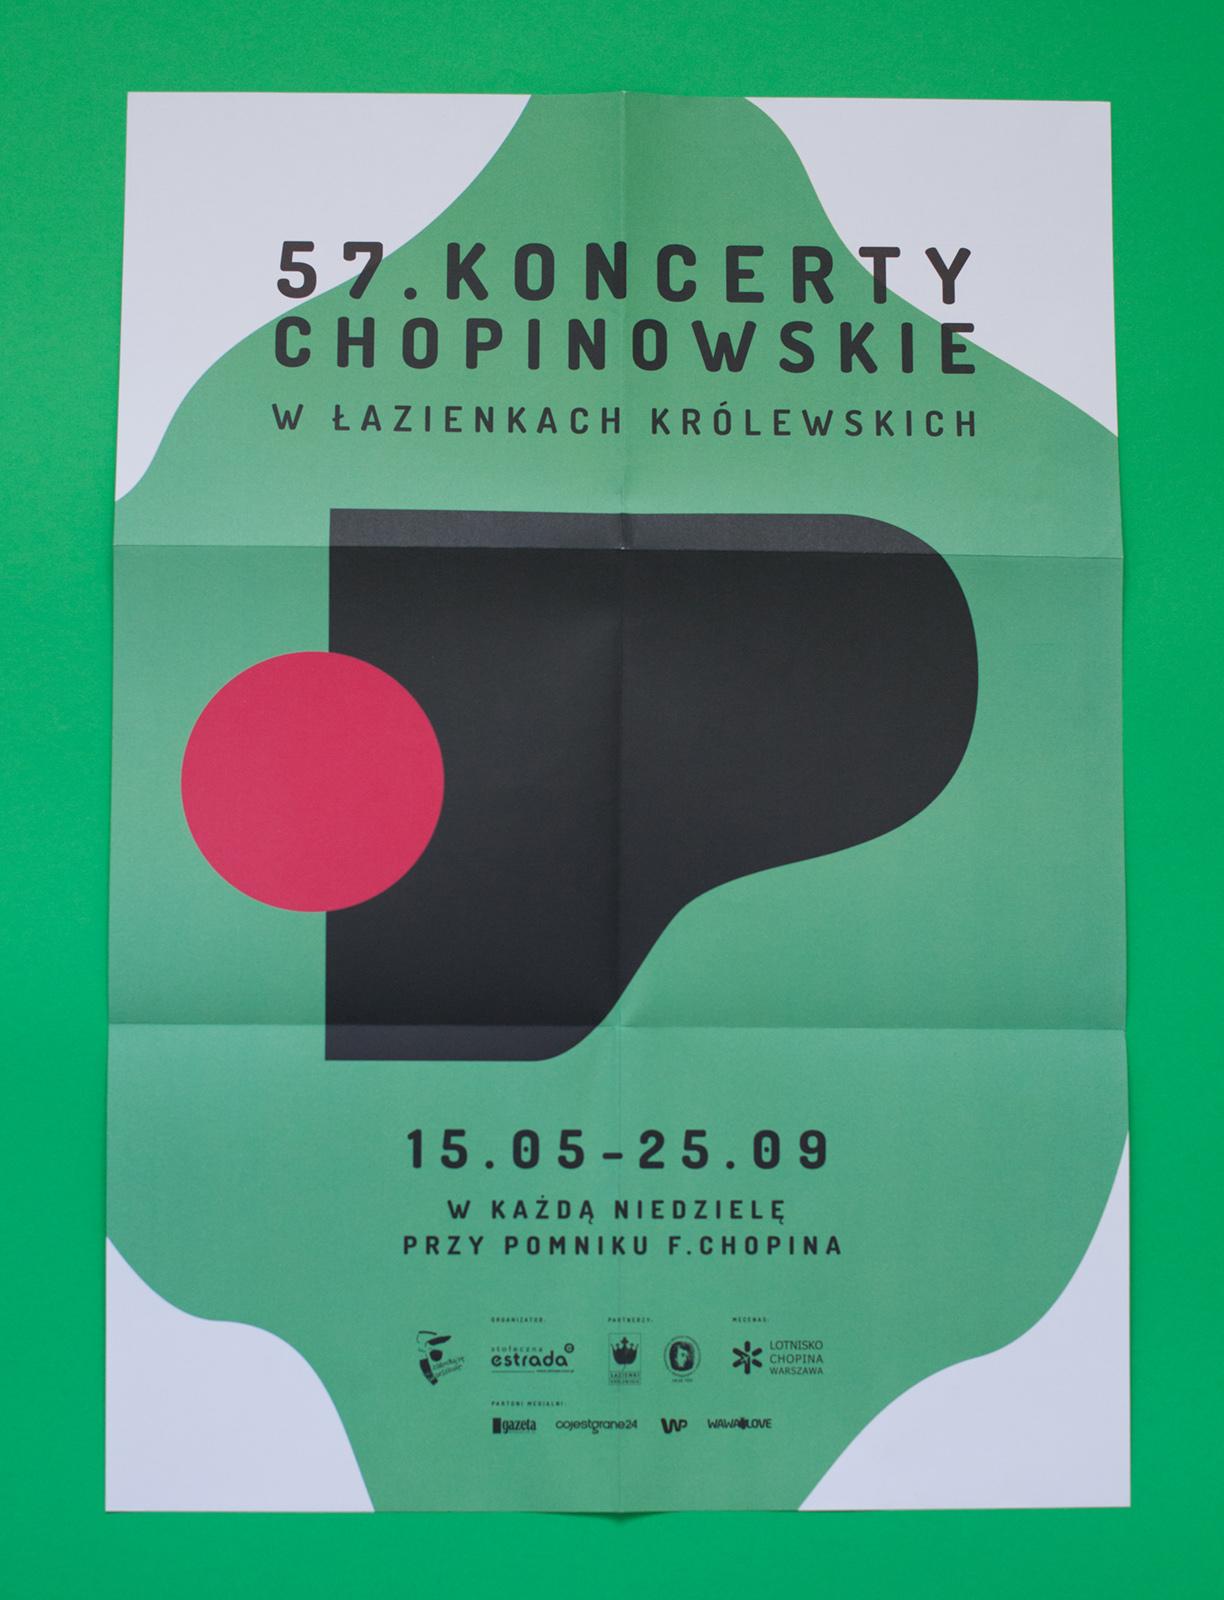 kohe_koncerty_chopinowskie_terminarz1